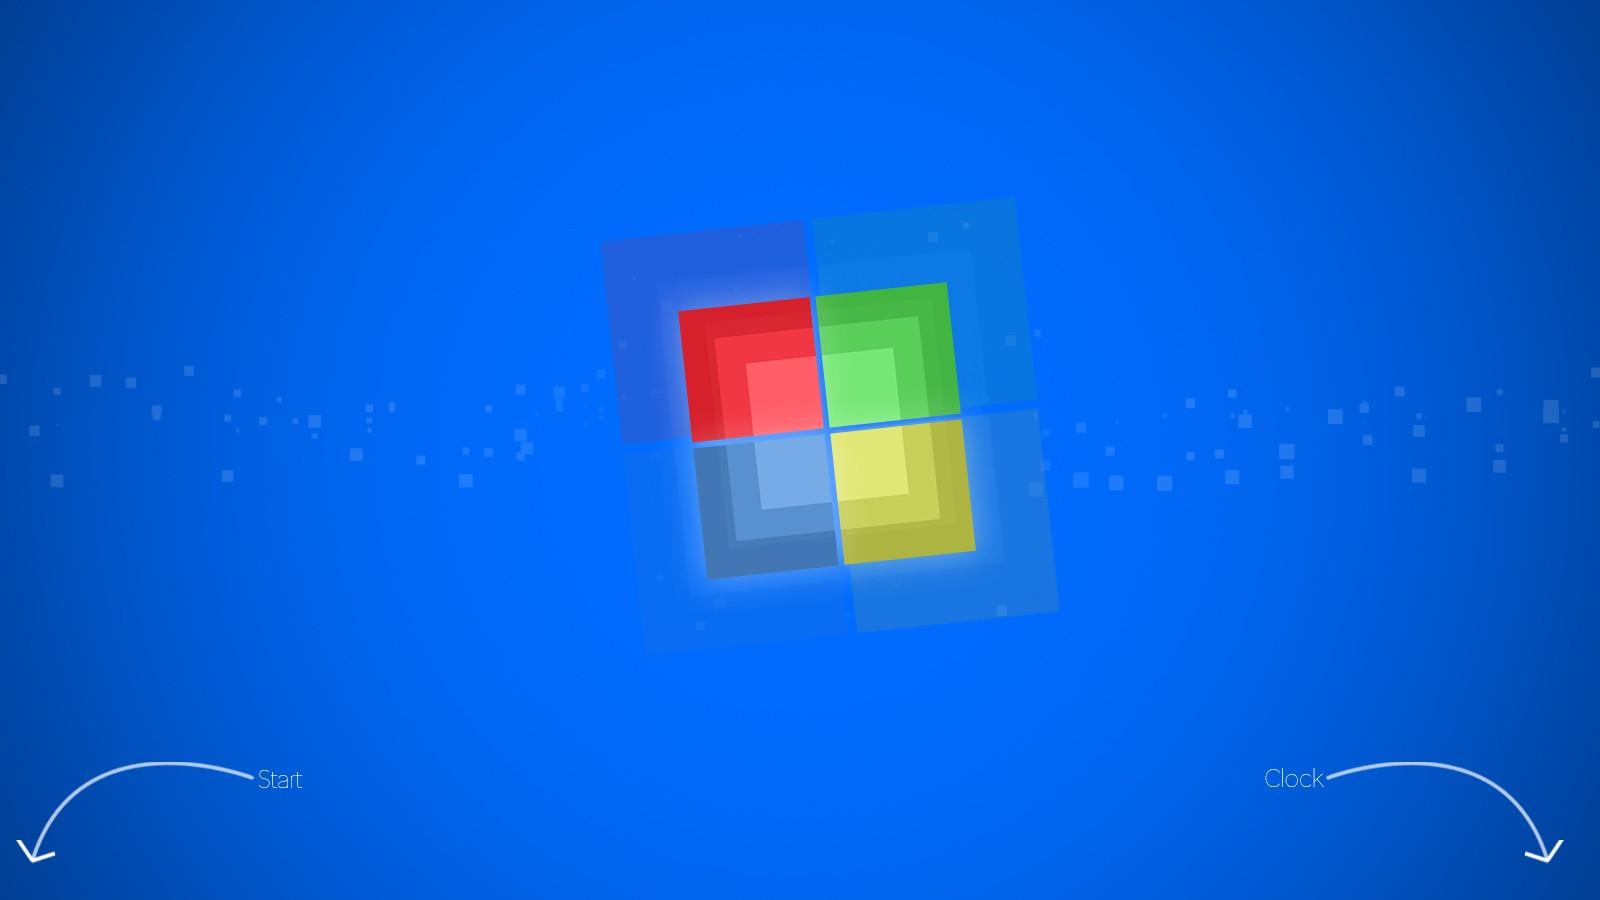 Download Windows 7 Wallpaper 1600x900 Wallpoper 266147 1600x900